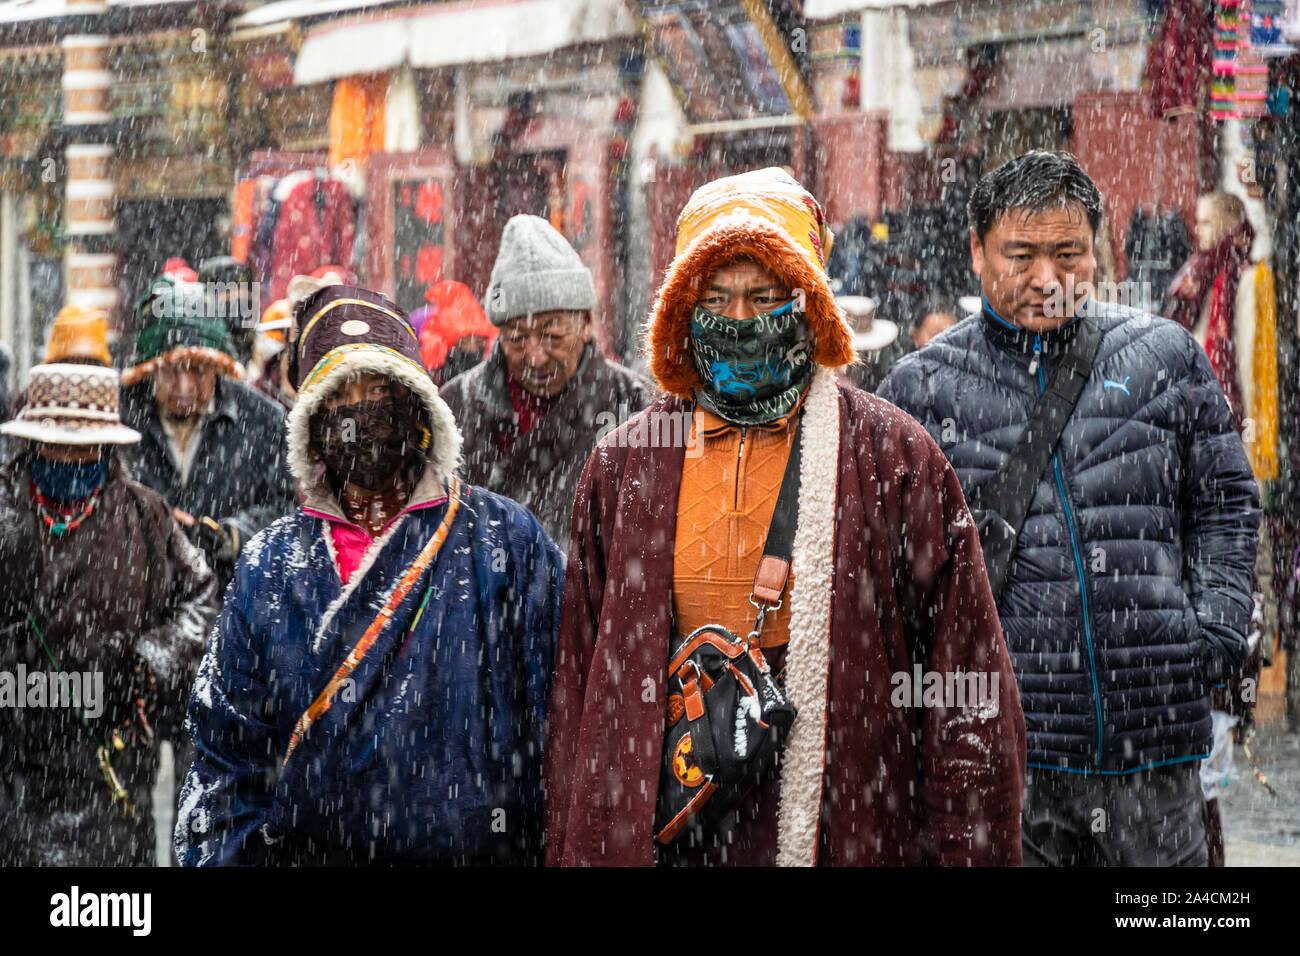 Lhasa, Cina - 26 dicembre 2018: buddisti tibetani devoti eseguire una kora intorno il tempio del Jokhang lungo Barkhor street in Lhasa città vecchia in Tibet Foto Stock